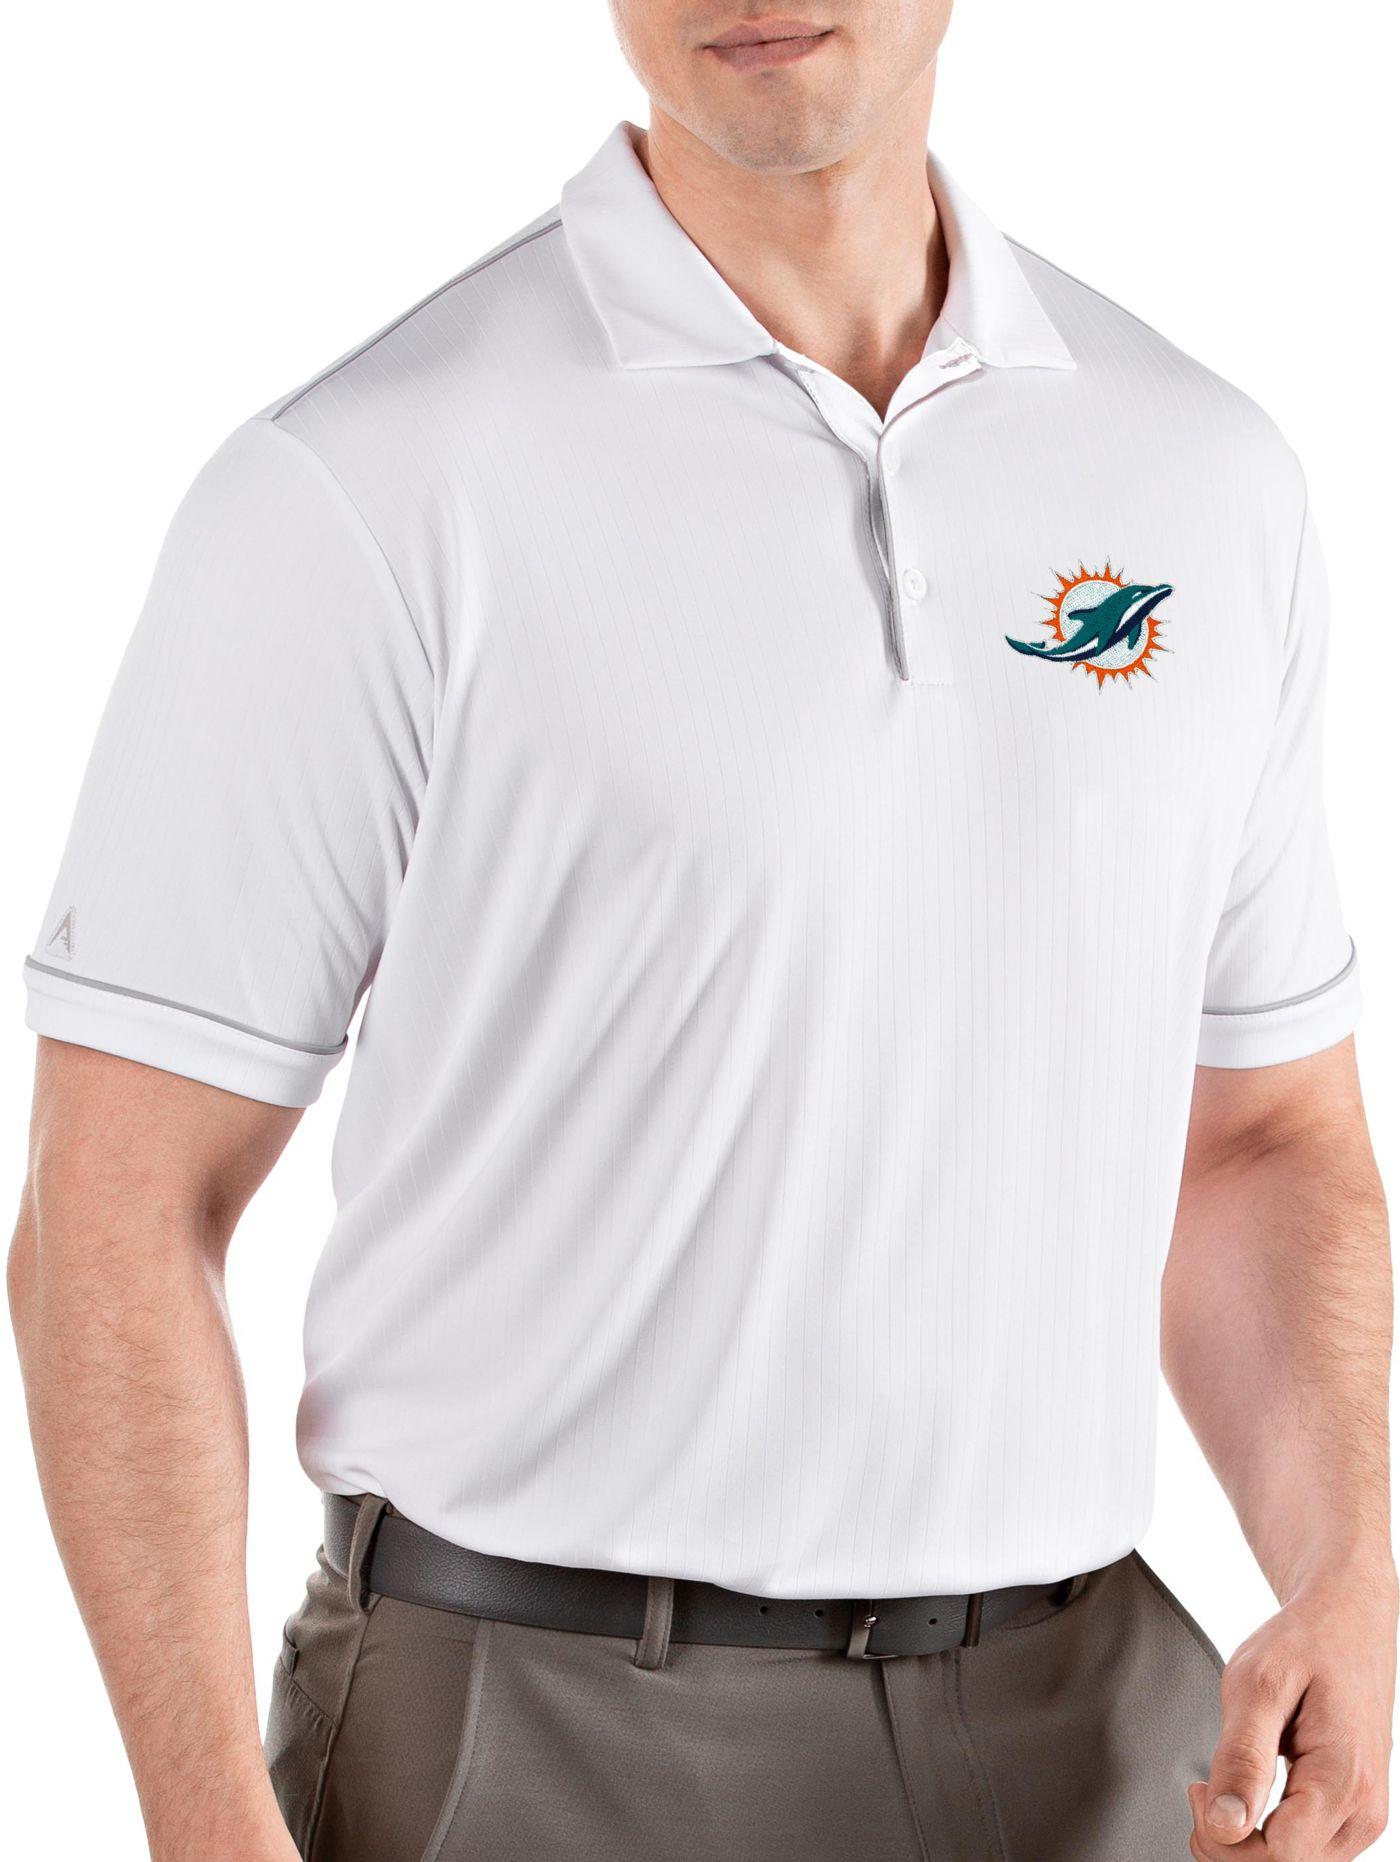 Antigua Men's Miami Dolphins Salute White Polo